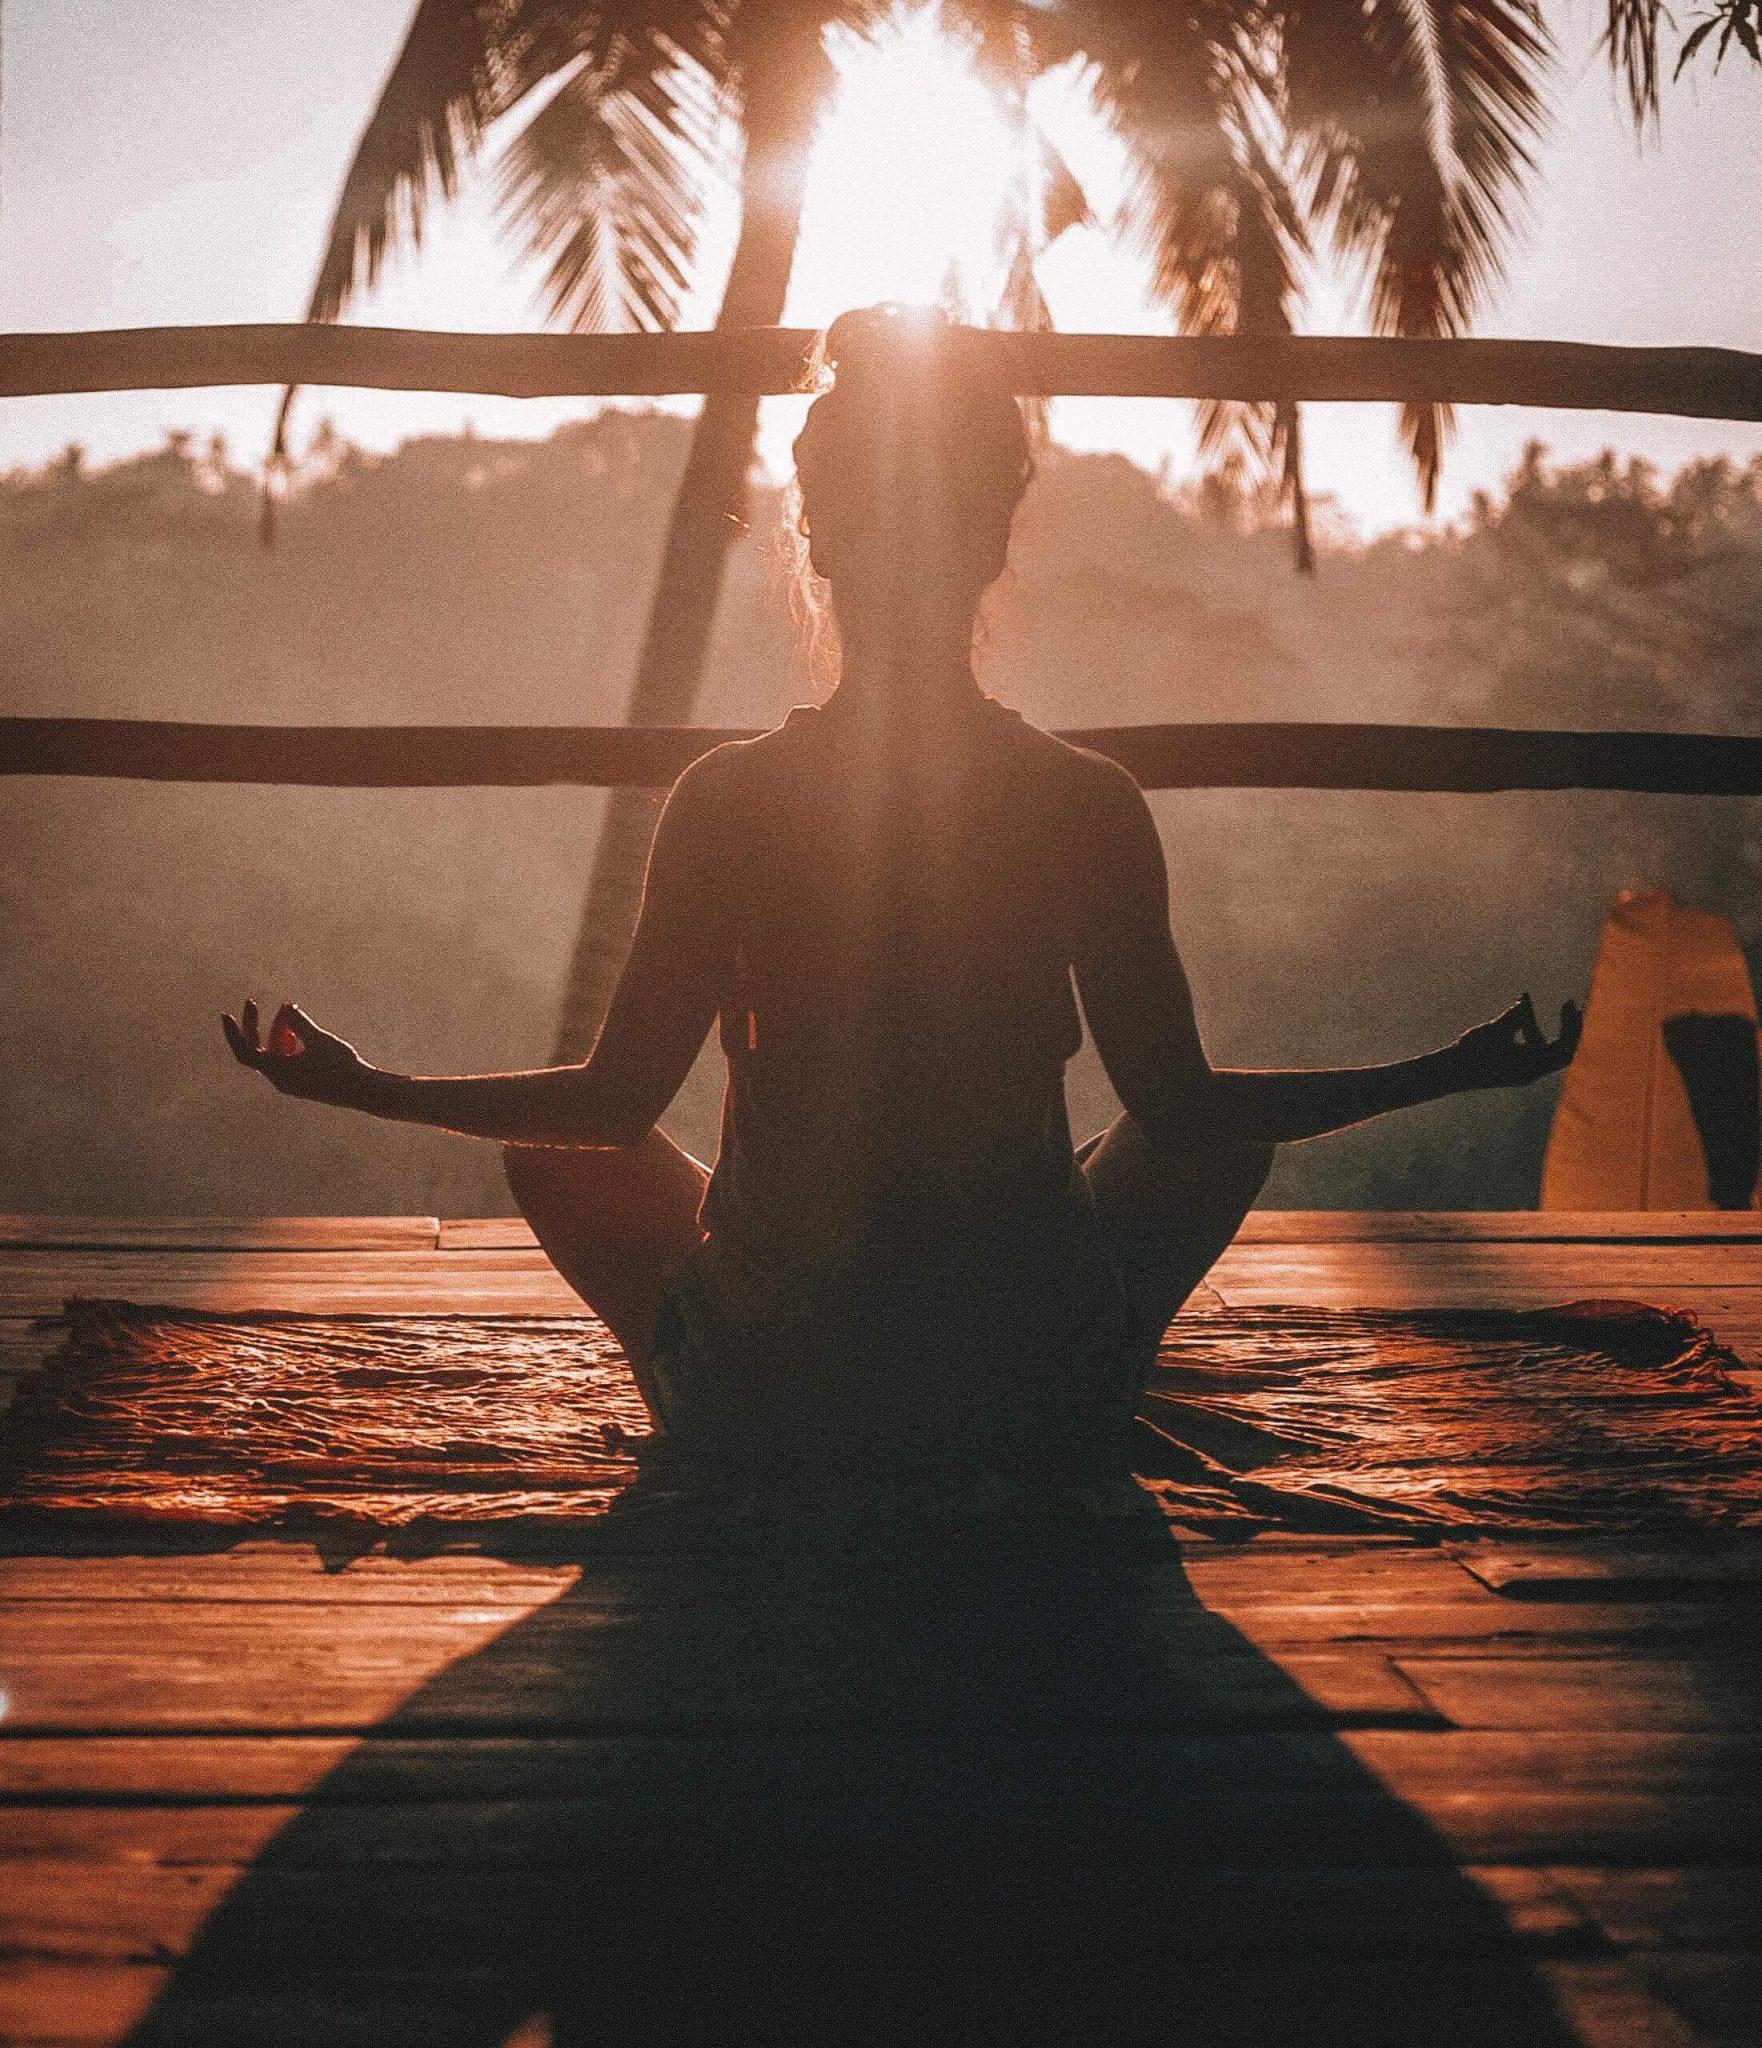 samotność, samotne spędzanie czasu, bycie ze sobą, przebywanie sam na sam, miłość do siebie, jak pokochać siebie, jak odnaleźć drogę w życiu, jak robić to co się kocha, jak odnaleźć pasję, medytacja, po co medytować, w czym pomaga medytacja, relaks, jak odkryć siebie